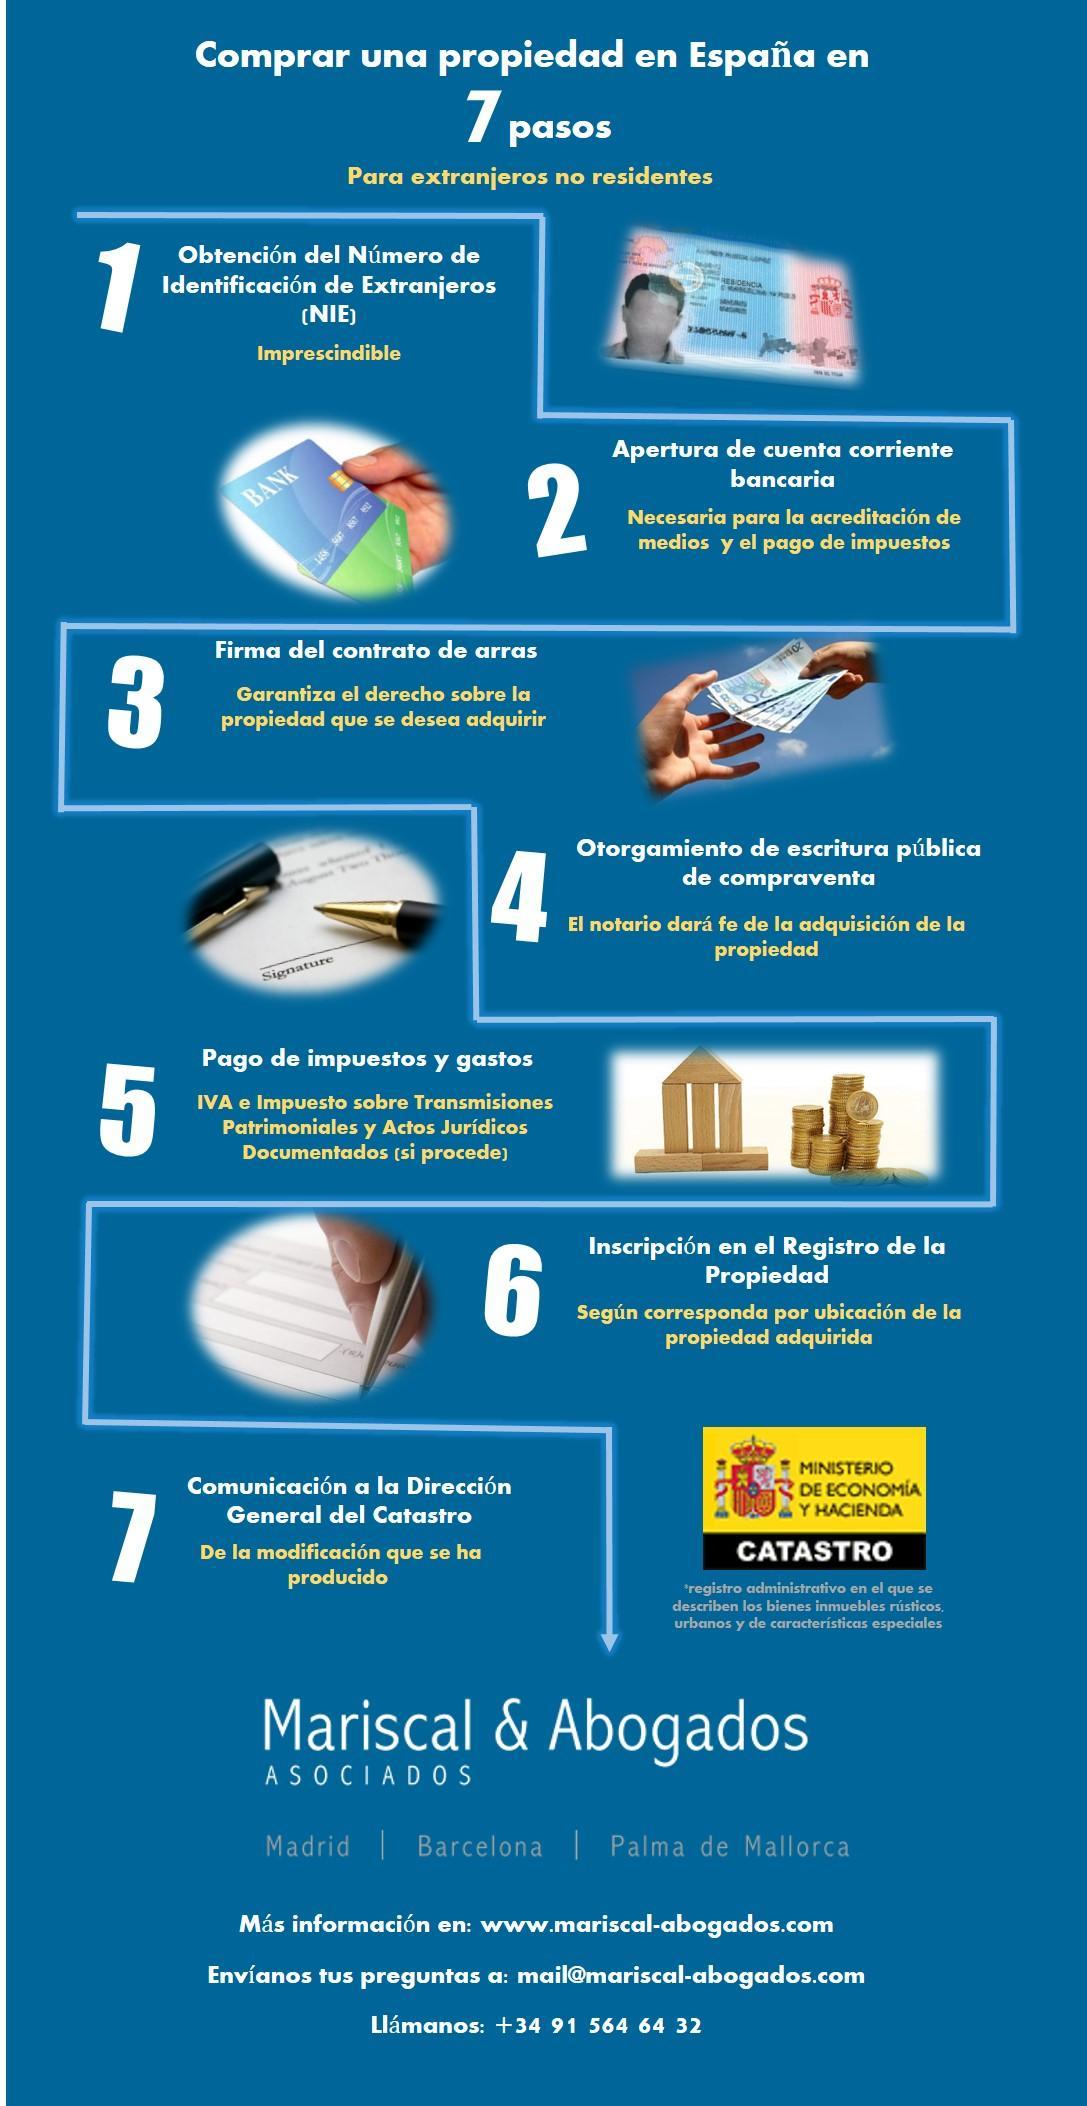 Infografía sobre cómo adquirir una propiedad en España en 7 pasos